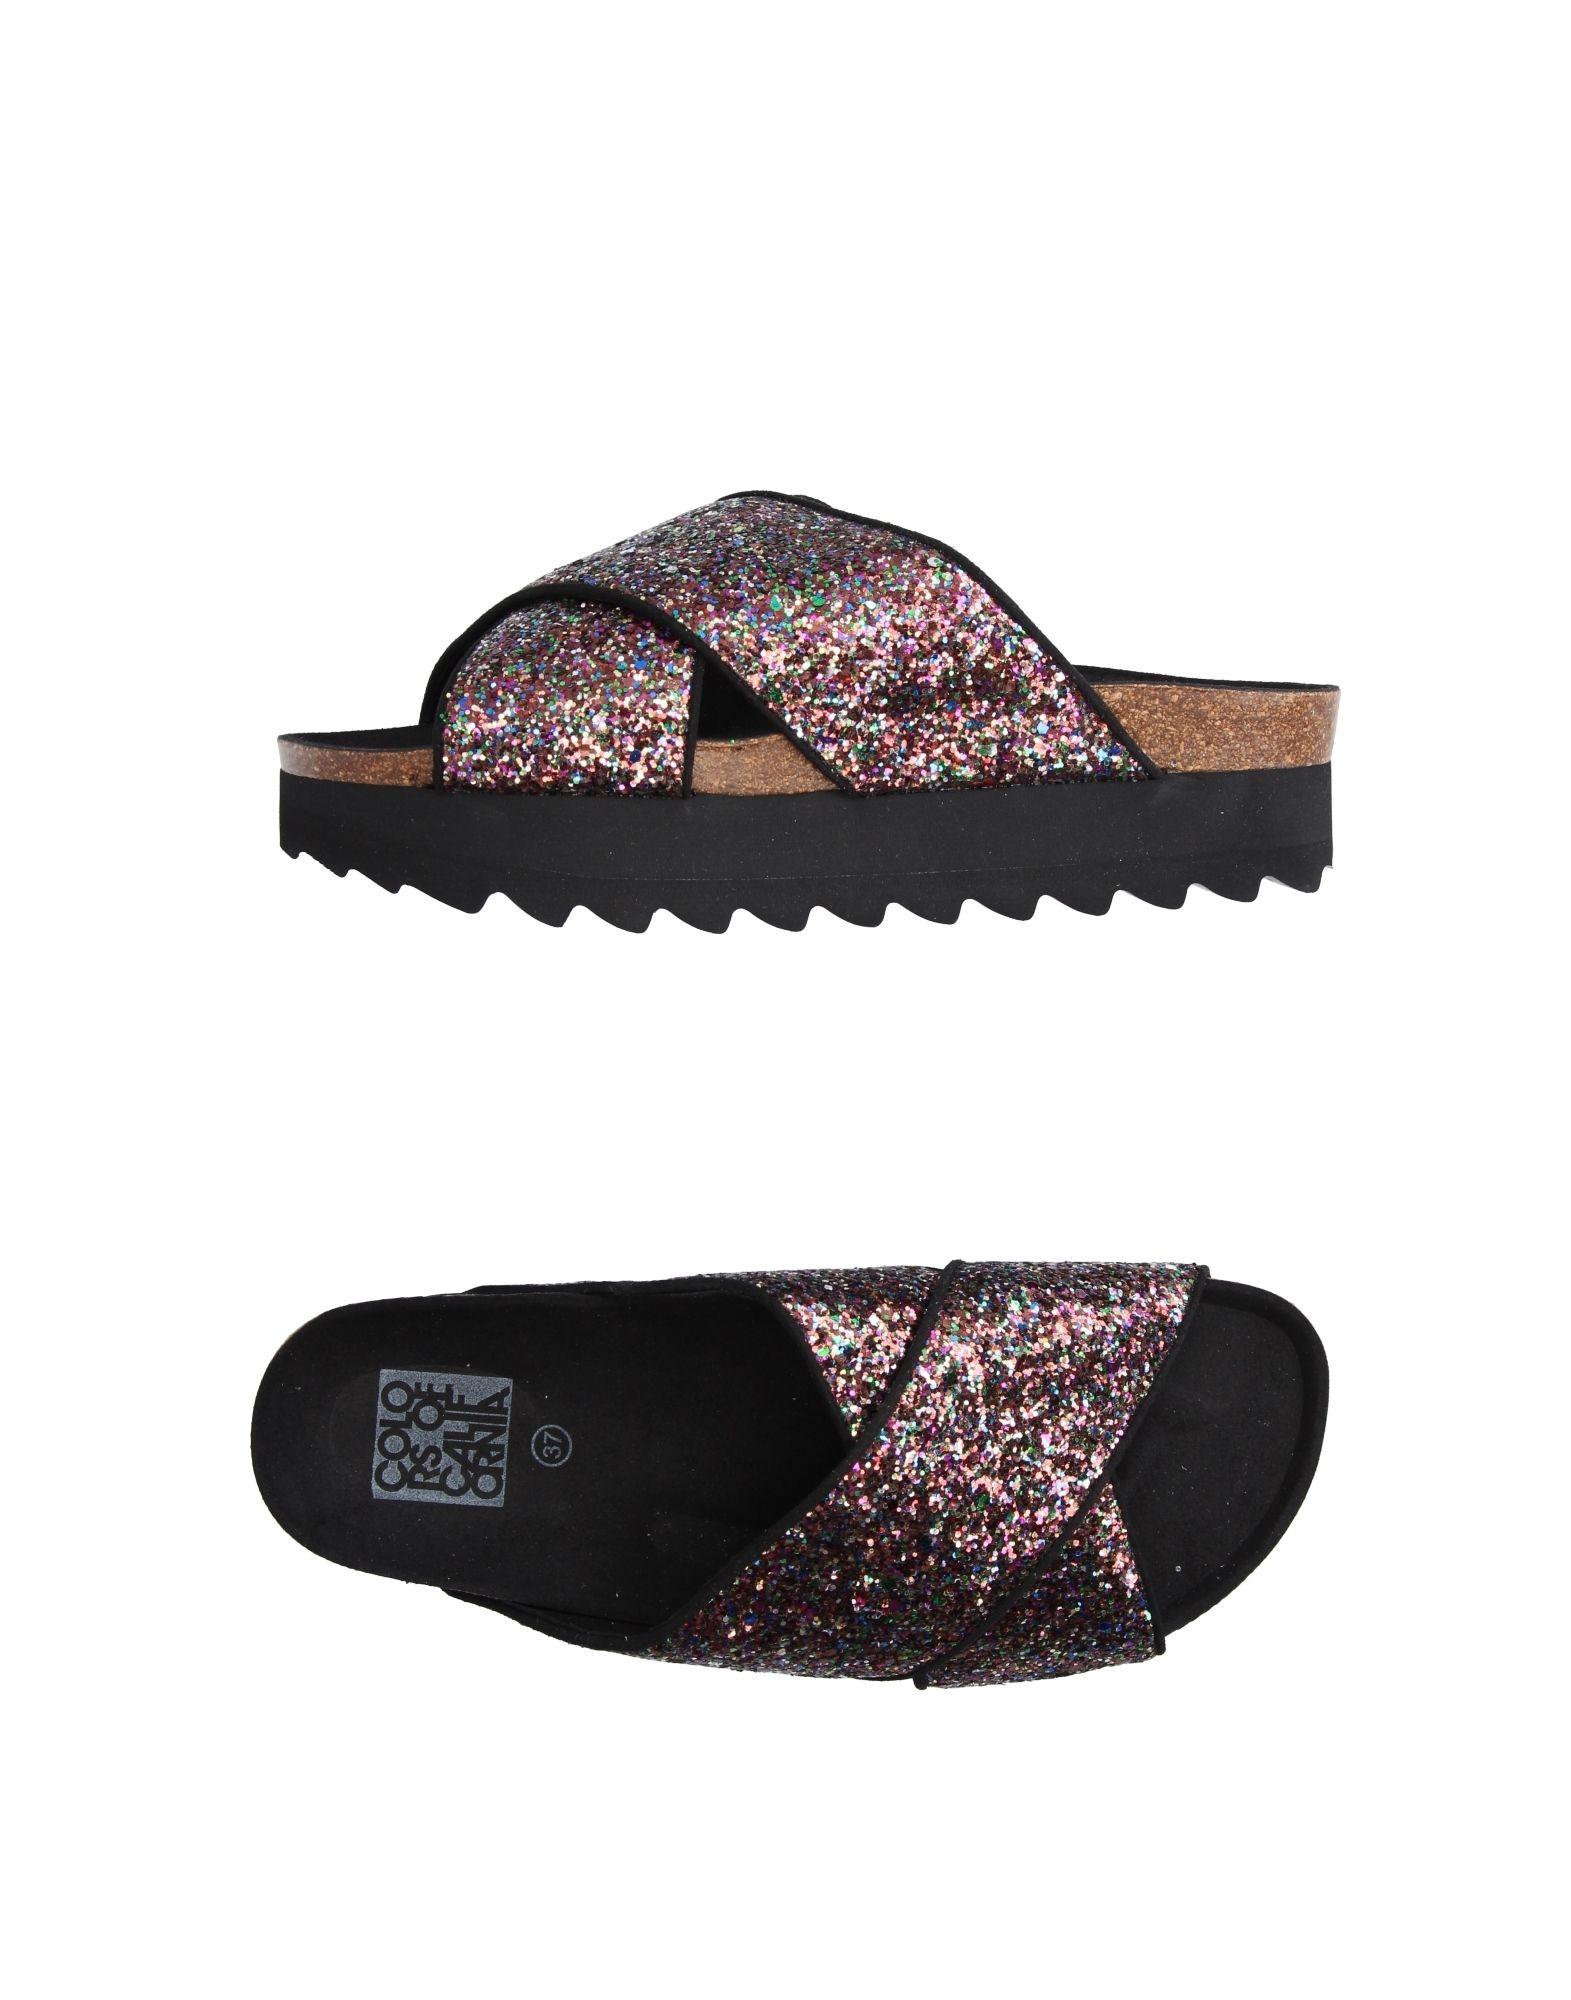 Farbes Of California Sandalen Damen sich Gutes Preis-Leistungs-Verhältnis, es lohnt sich Damen 2042 cb456b